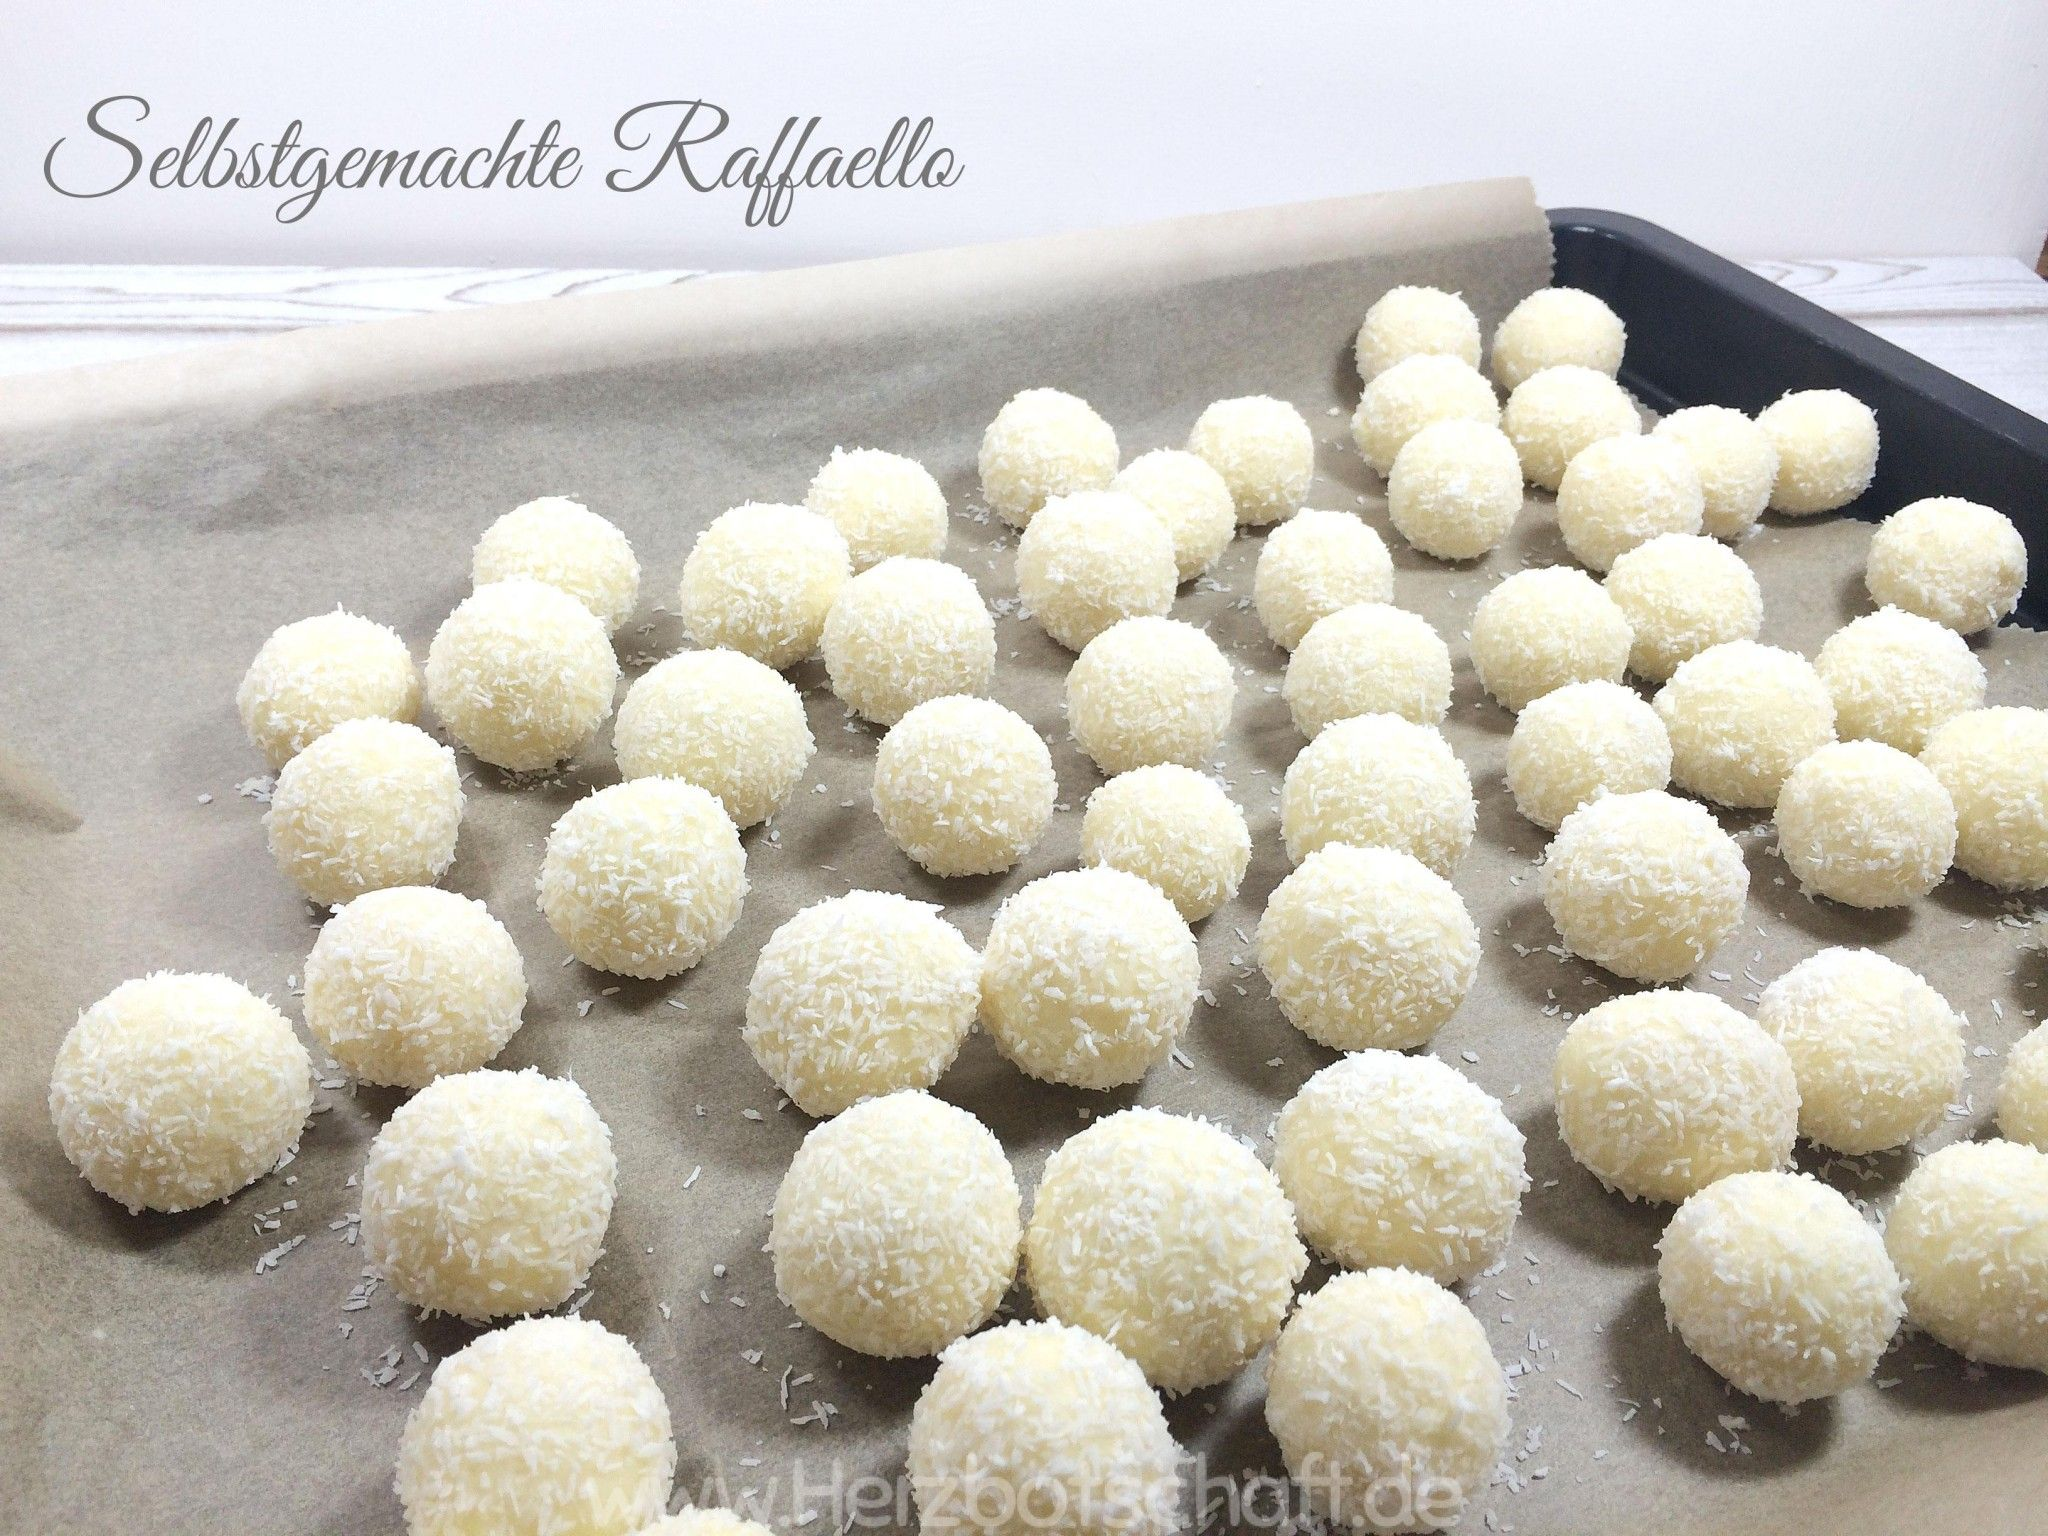 Rezept Fur Selbstgemachte Raffaello Kokos Mandel Kugeln Selber Machen Herzbotschaft De Rezepte Dessert Ideen Lebensmittel Essen